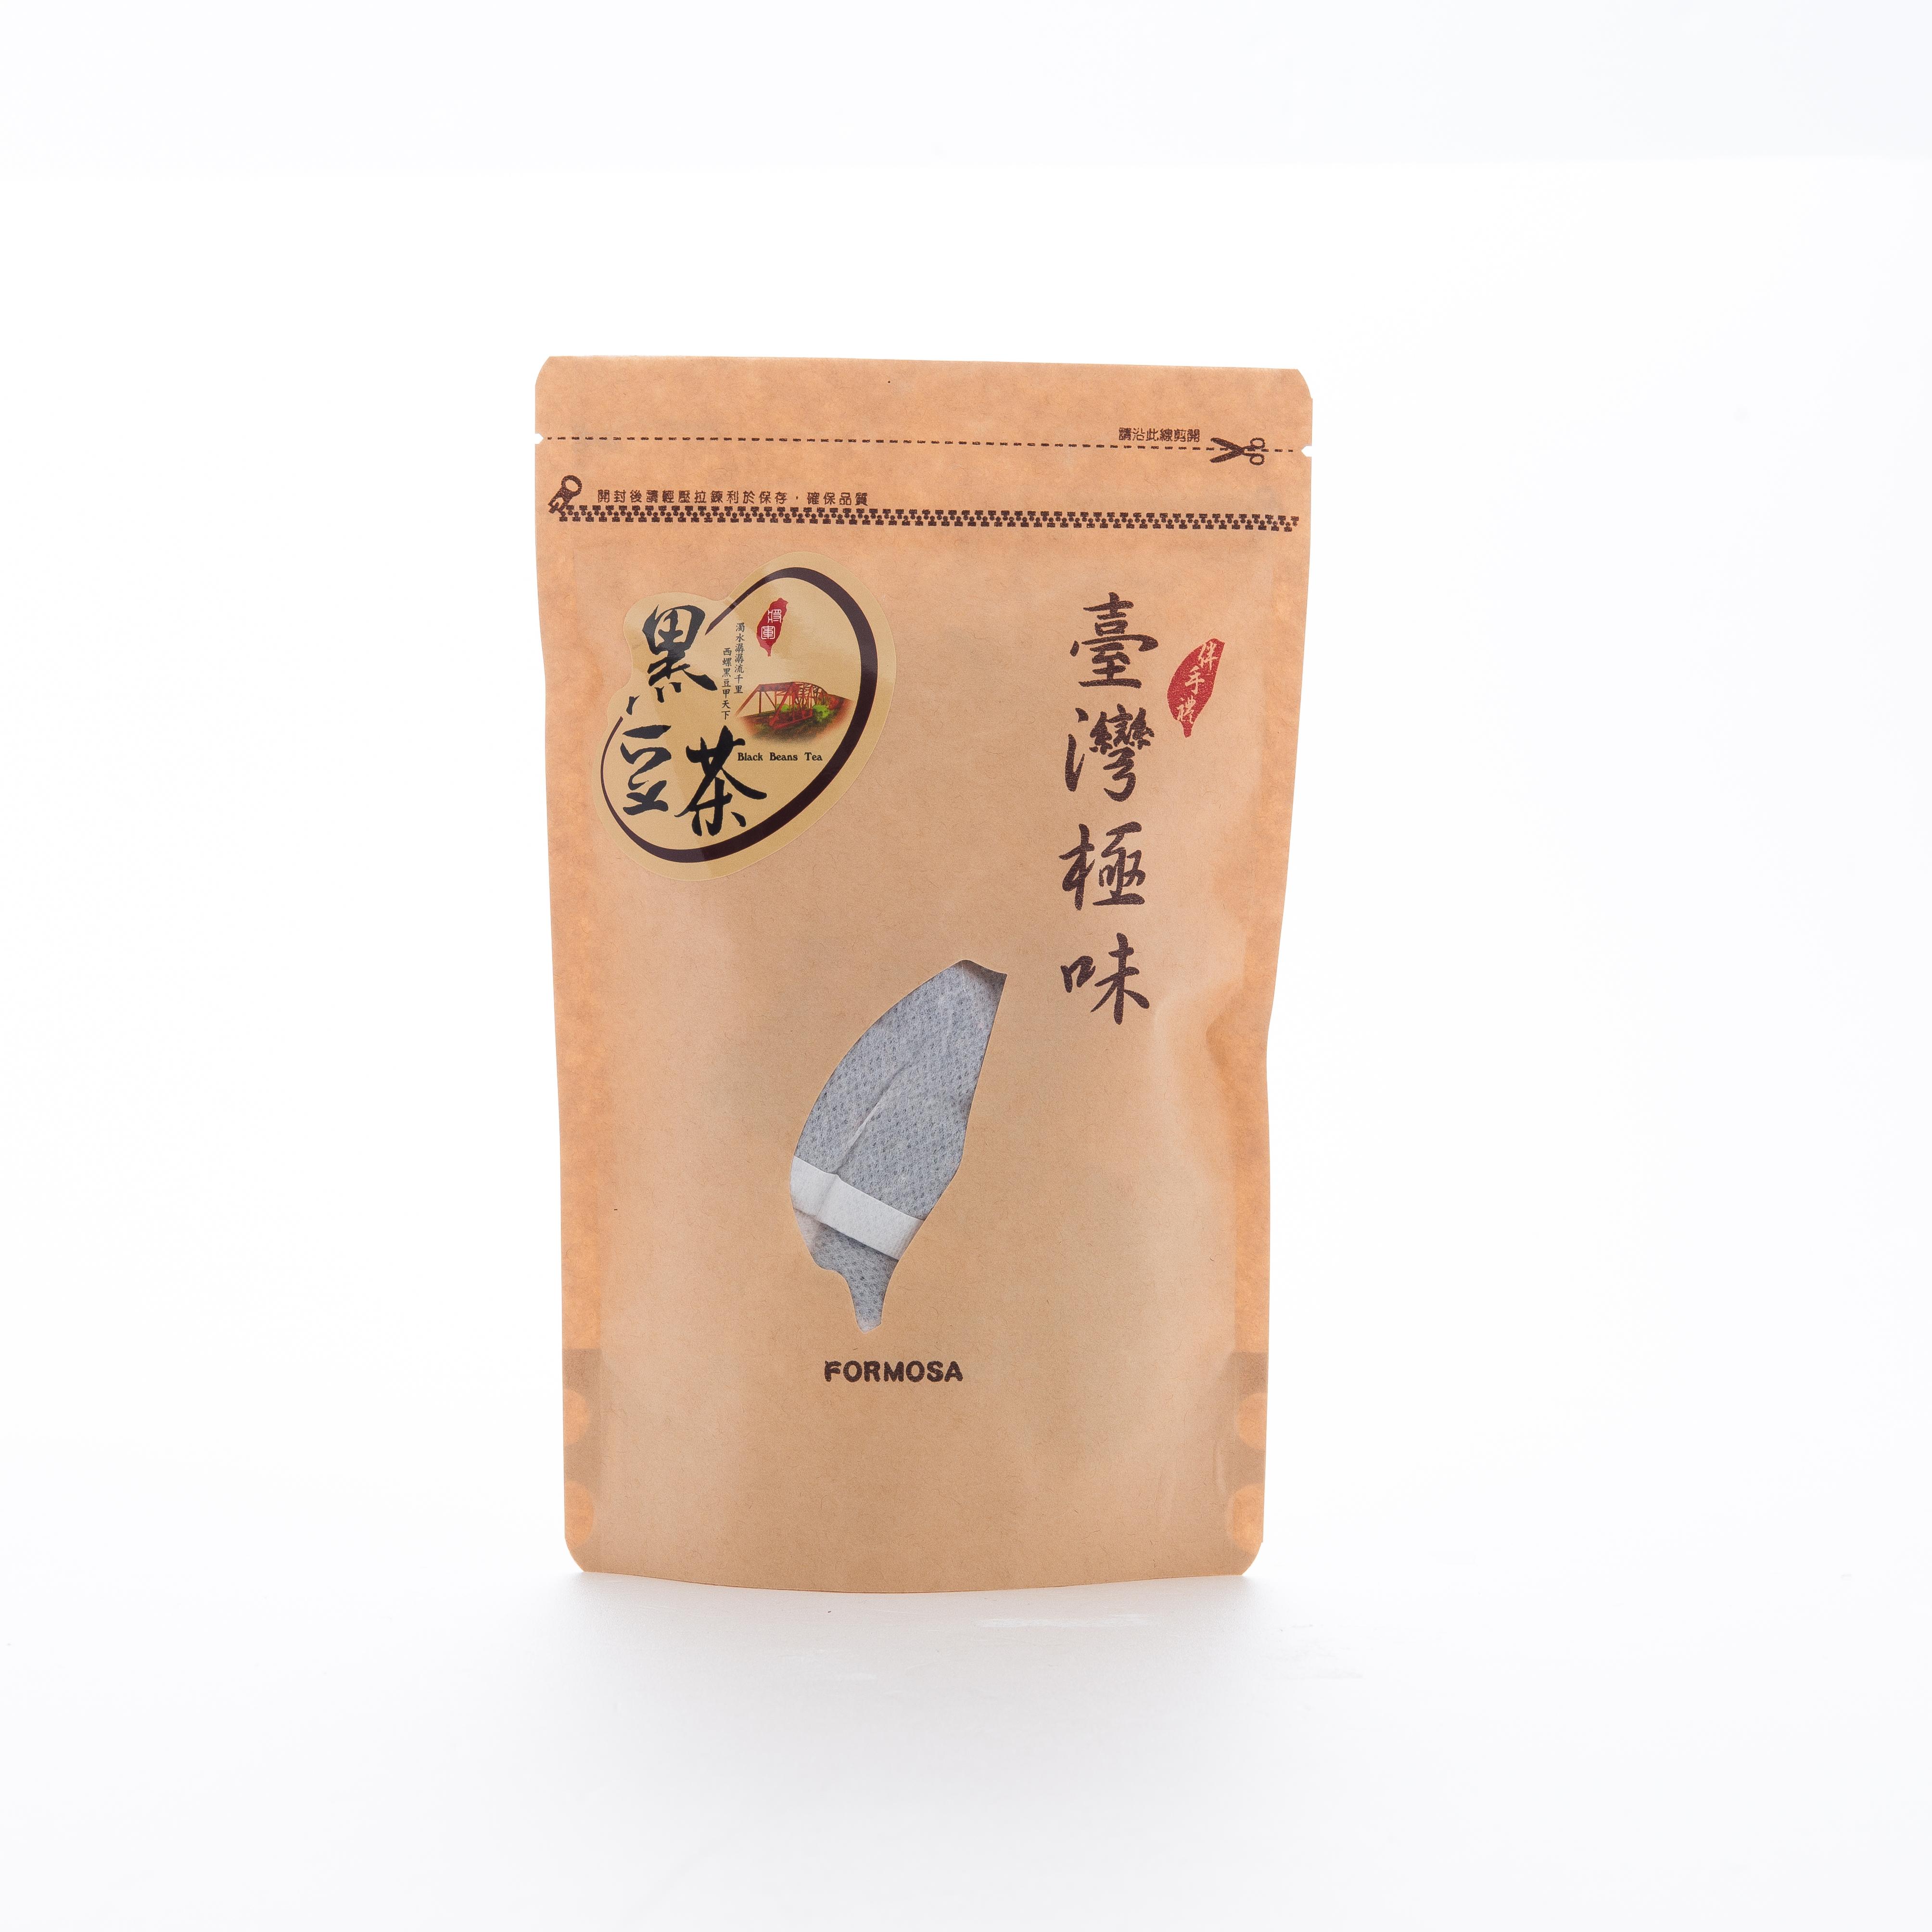 《將軍》黑豆茶 (一袋)